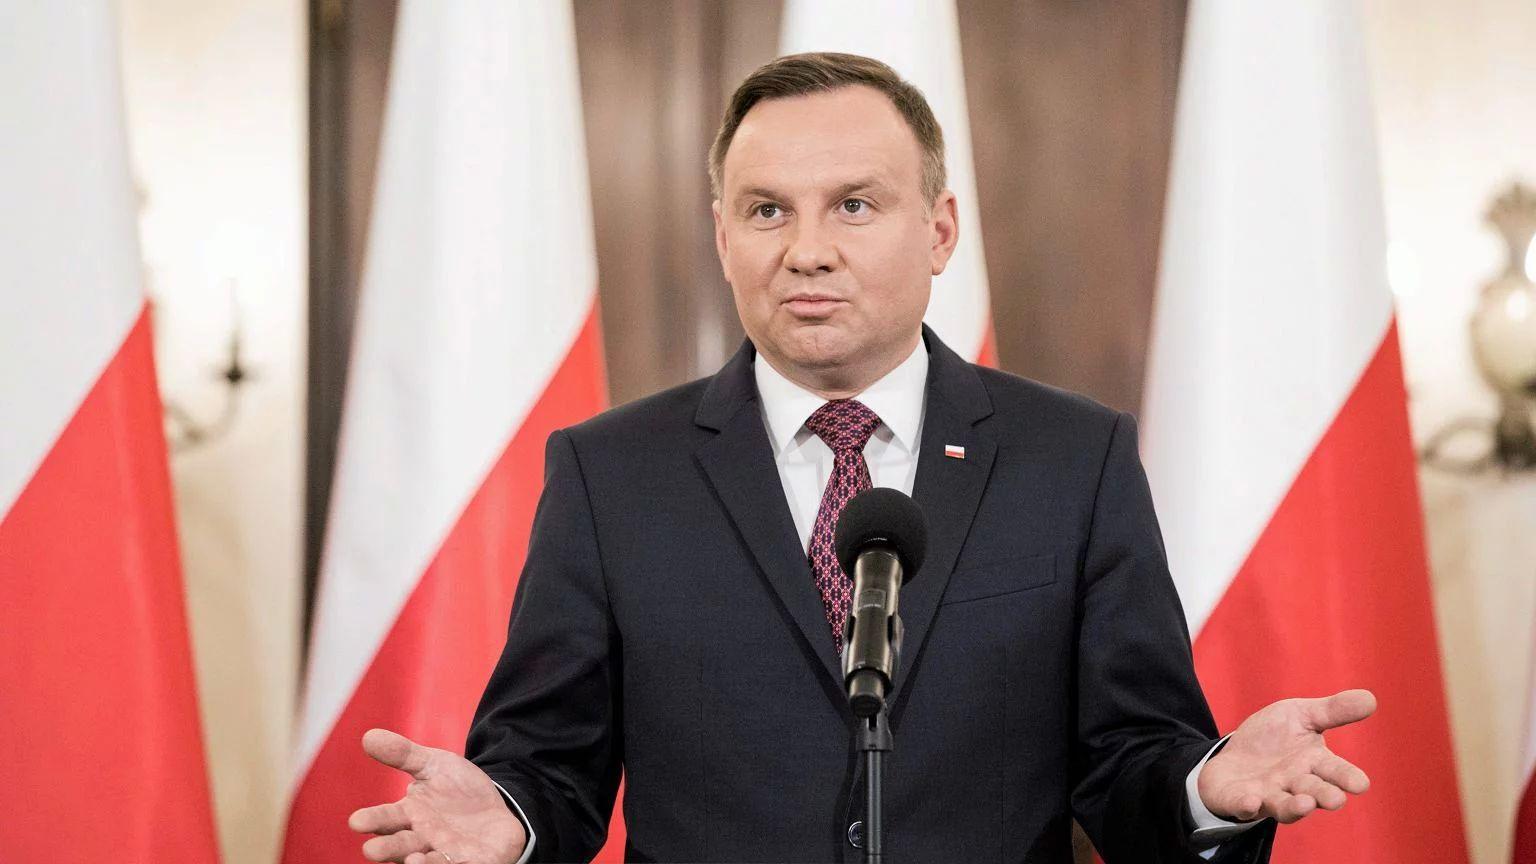 Дуда планує вшанувати пам'ять жертв Катині в Харкові